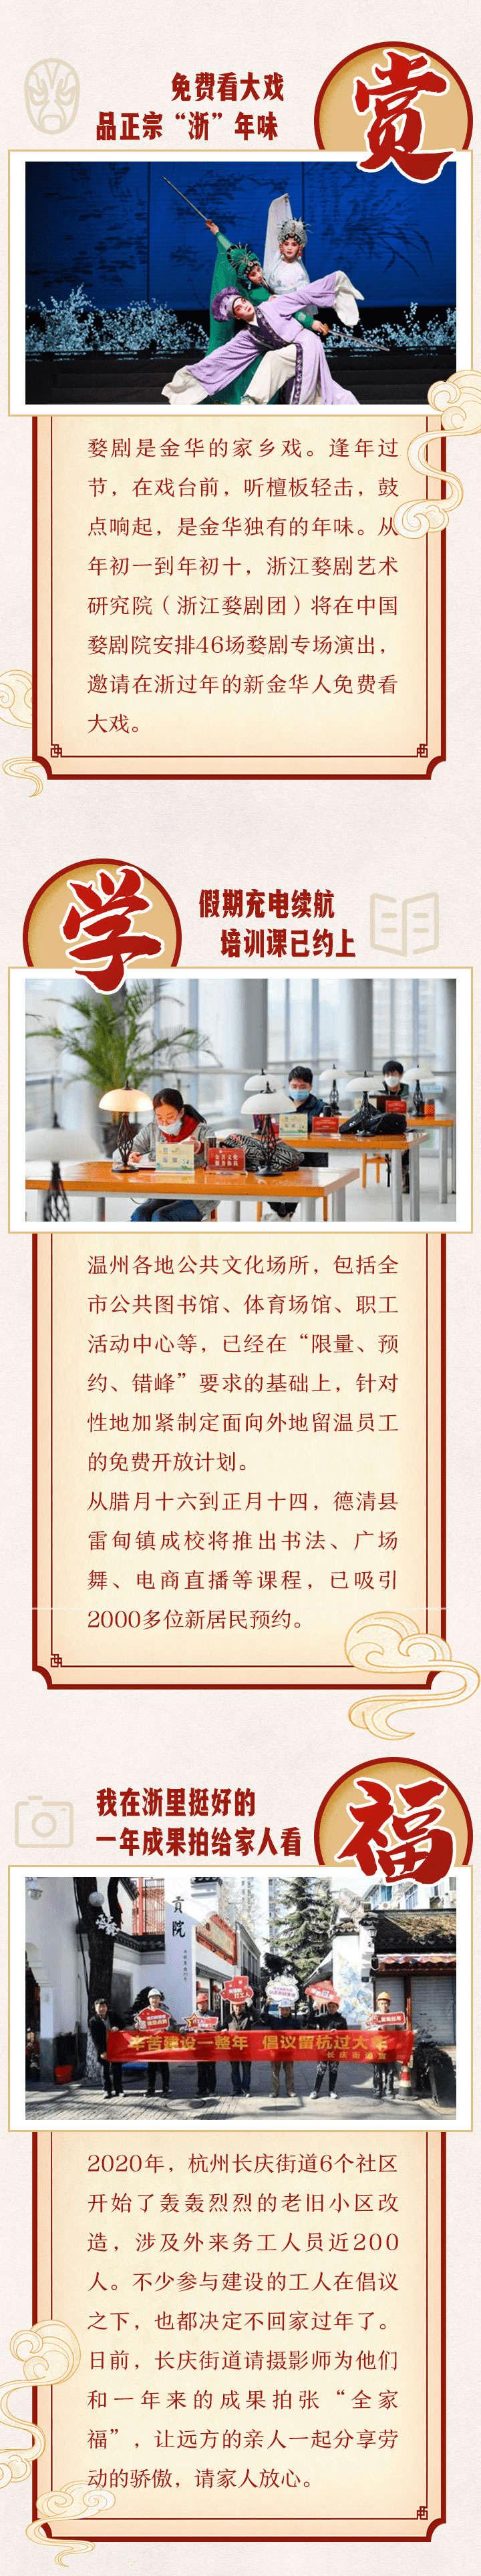 内地昨日新增23例确诊 本土2例在辽宁黑龙江